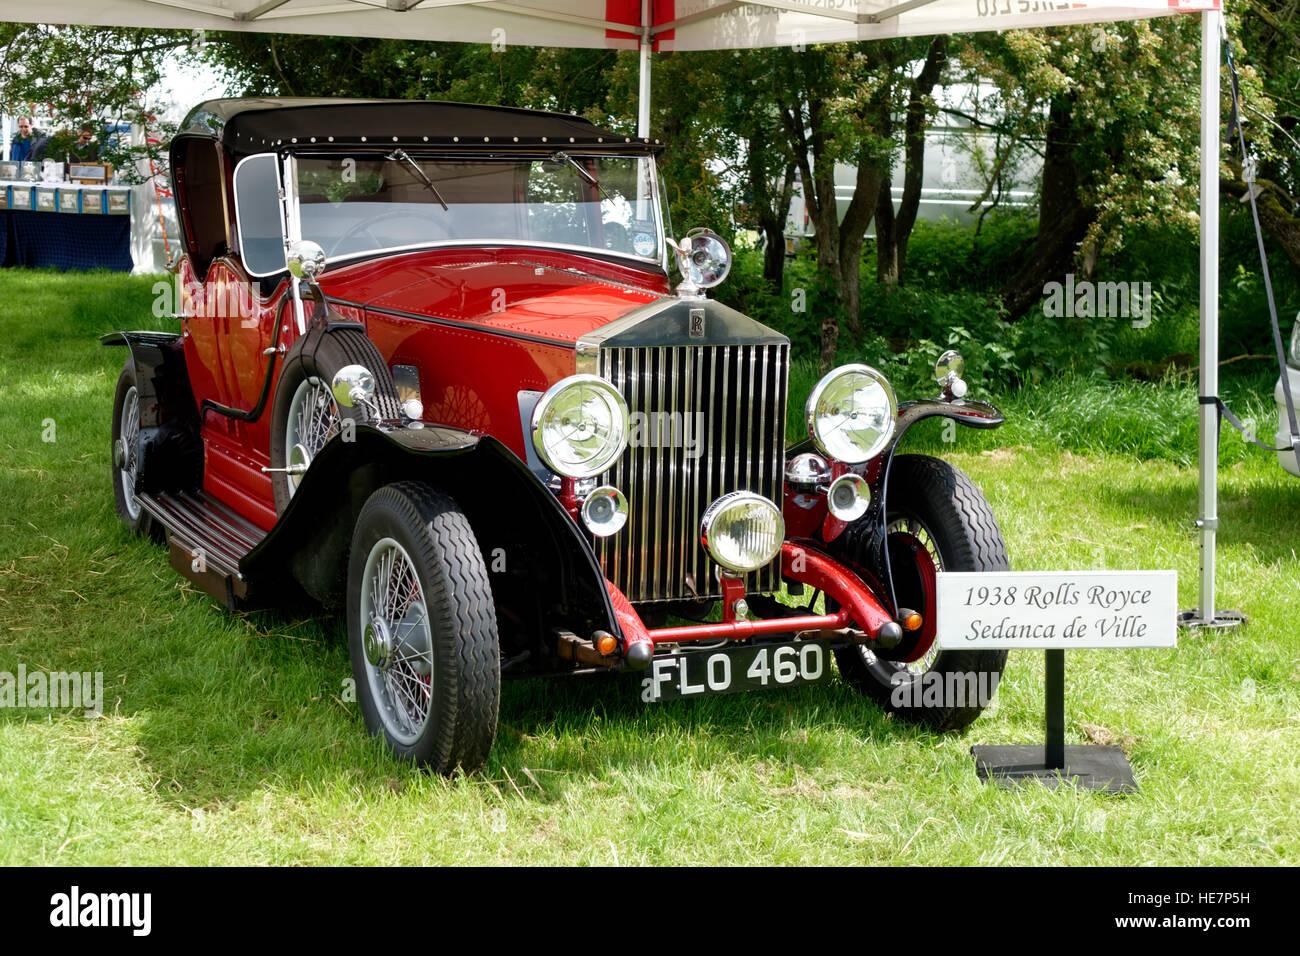 Un 1938 Rolls Royce Sedanca de Ville en el 2014 Stockton Nostalgia muestran, Wiltshire, Reino Unido. Imagen De Stock